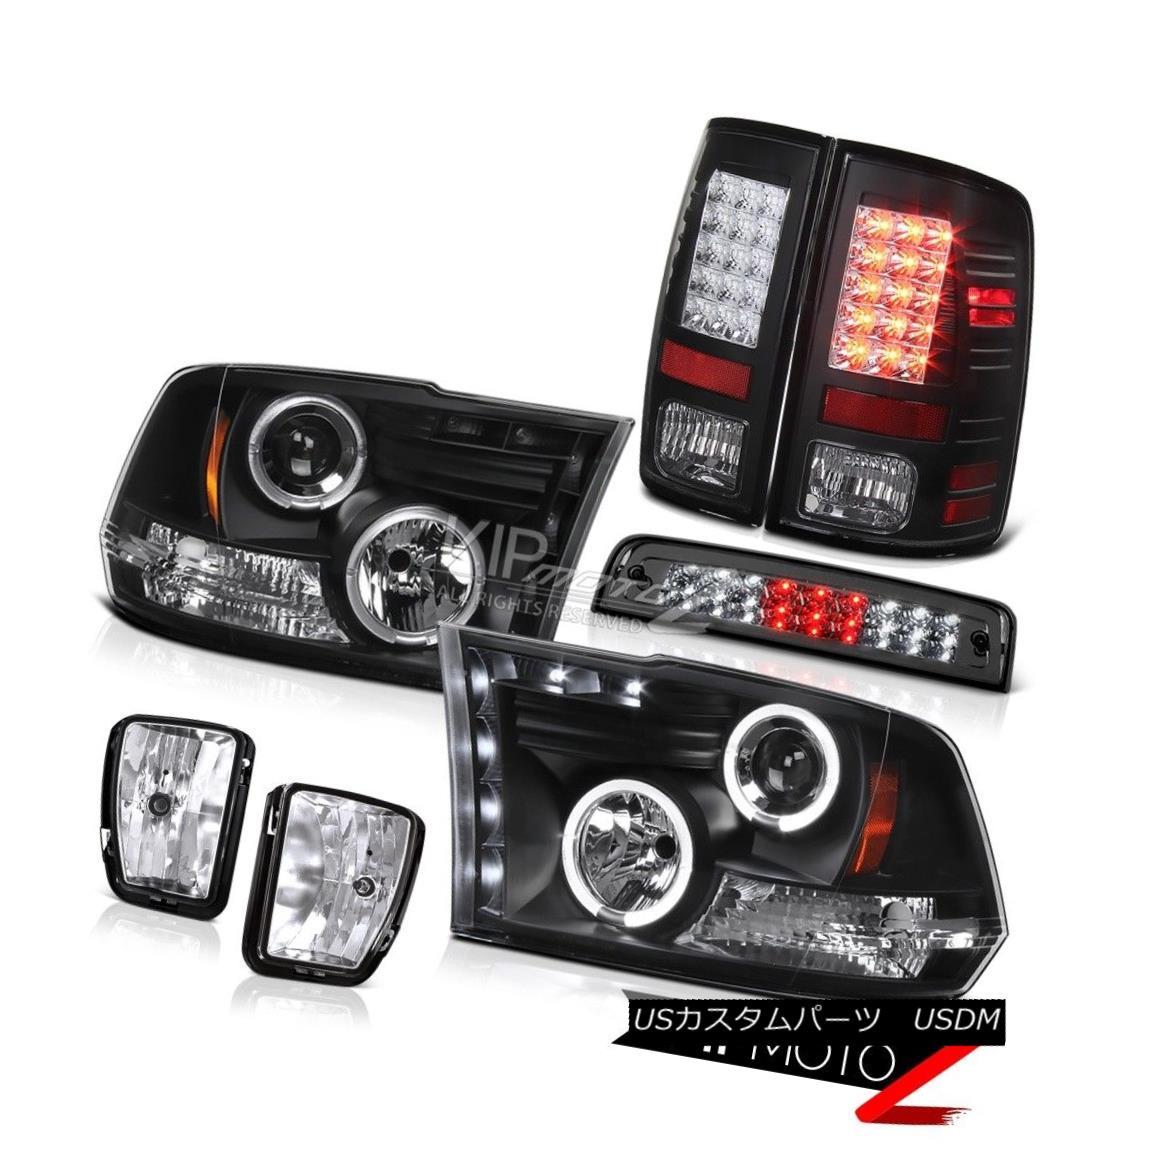 ヘッドライト 13-18 Dodge Ram 1500 Laramie 3RD Brake Lamp Fog Lights Tail Headlights Dual Halo 13-18ダッジラム1500ララミー3RDブレーキランプフォグライトテールヘッドライトデュアルヘイロー